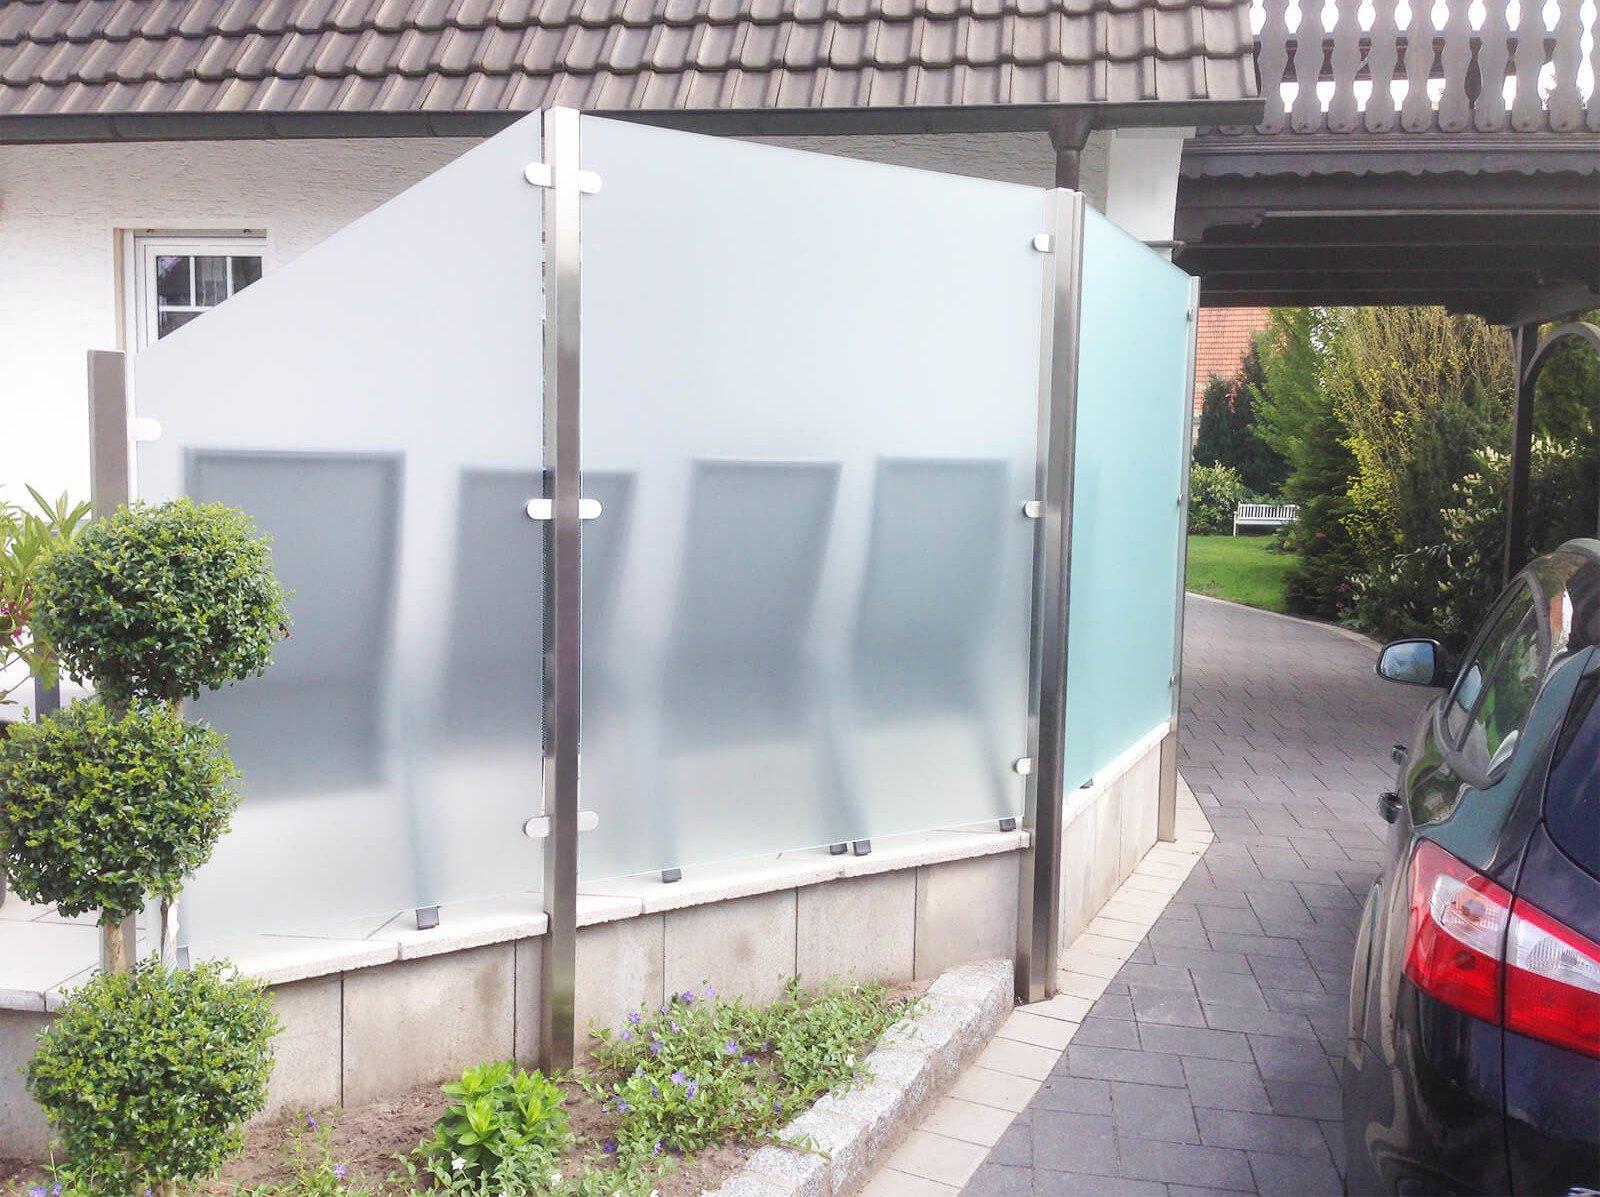 flexibles-pfostensystem-feng-mit-individuellen-schraegschnitten- Gestaltungsmoeglichkeiten-und-wind-und-sichtschutzfunktion